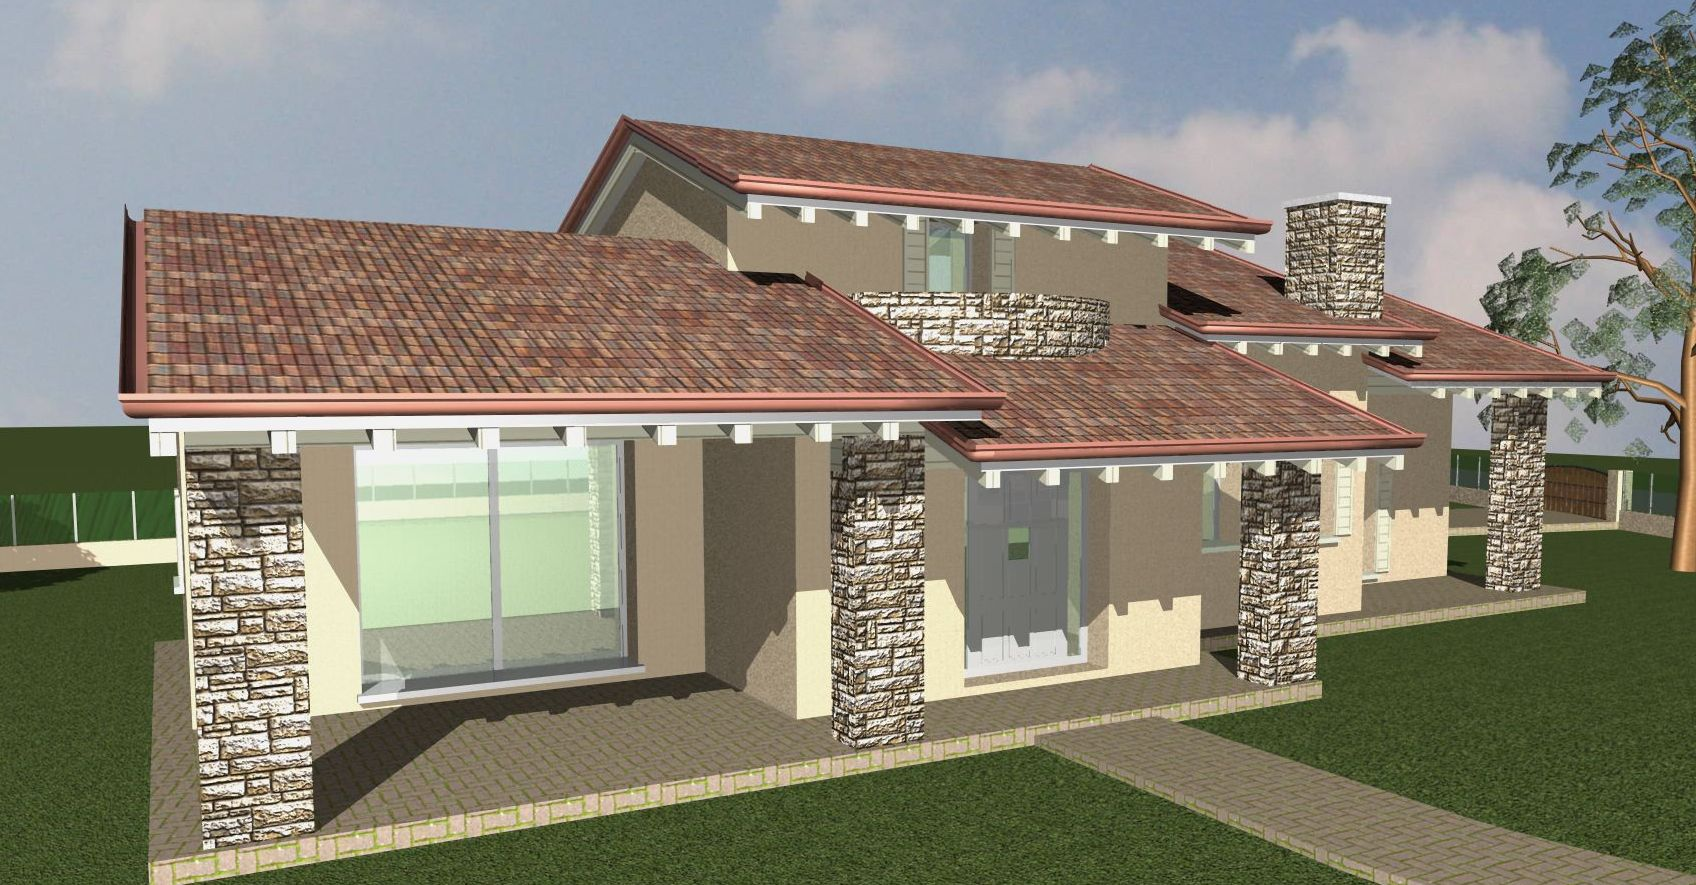 Progetto fabbricato unifamiliare progetti costruzione case for Ville bifamiliari moderne